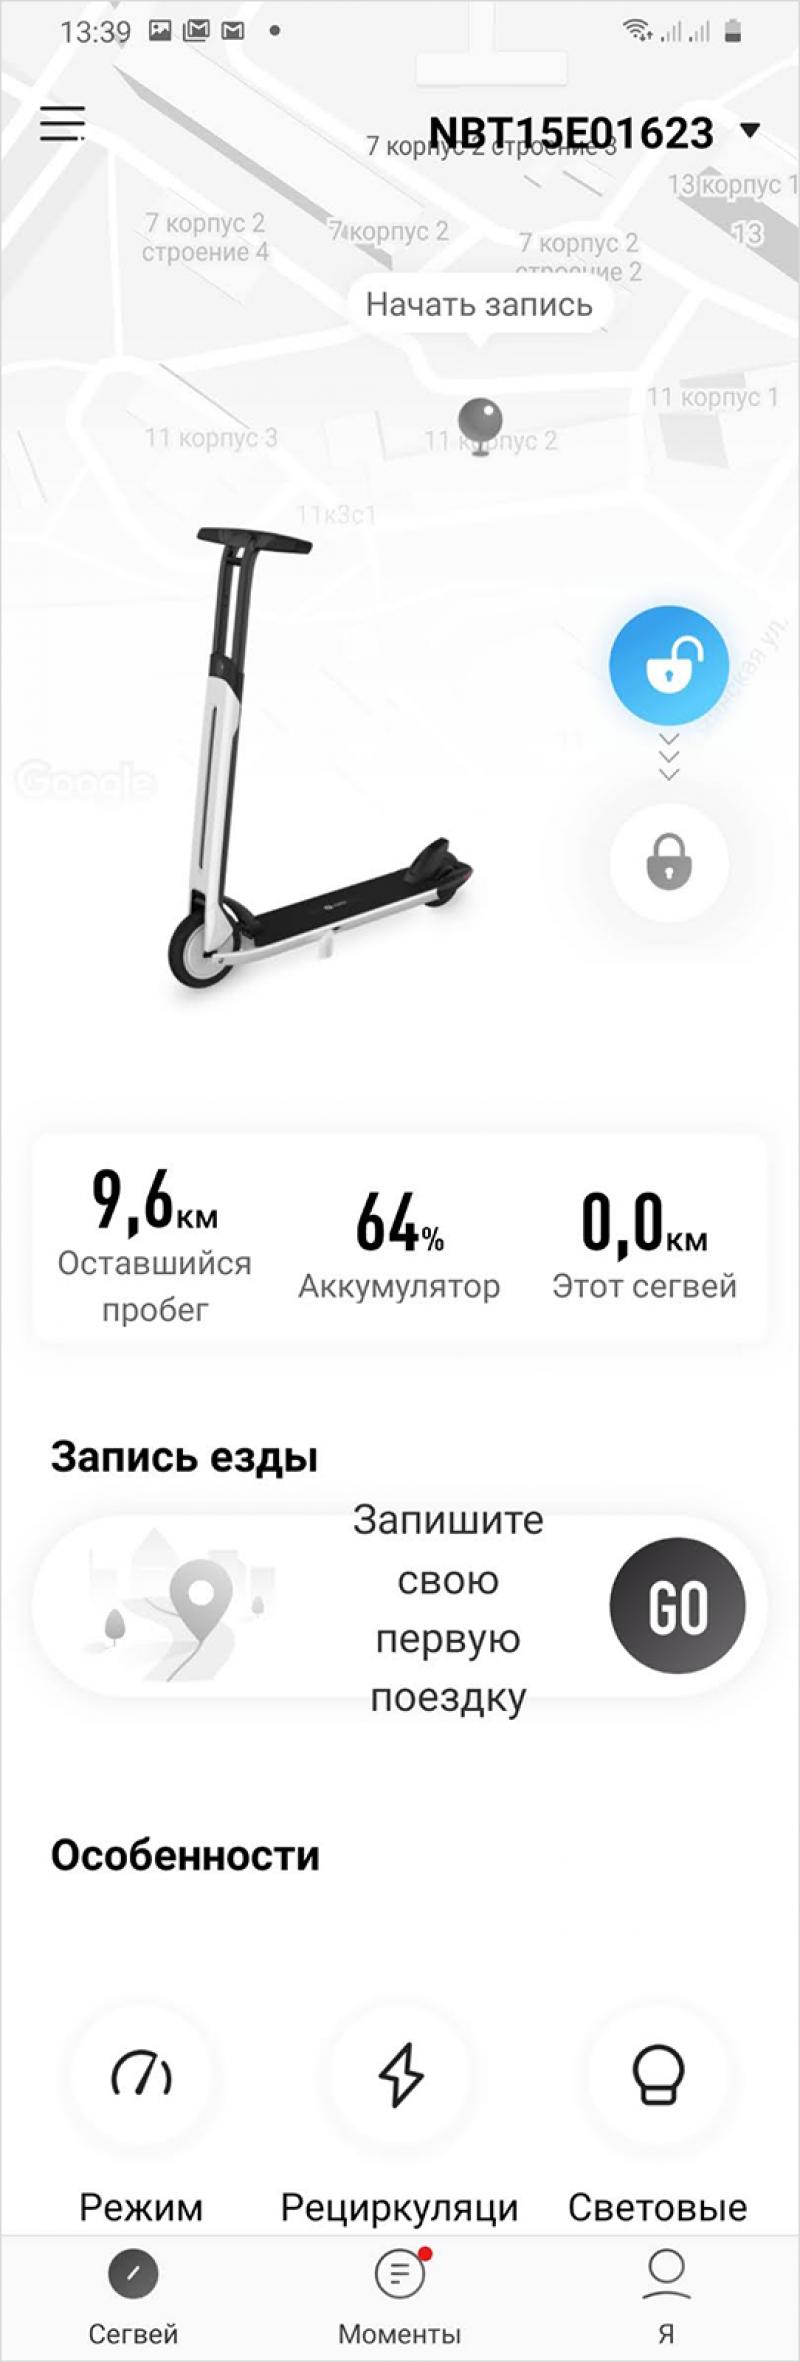 Главный экран мобильного приложения